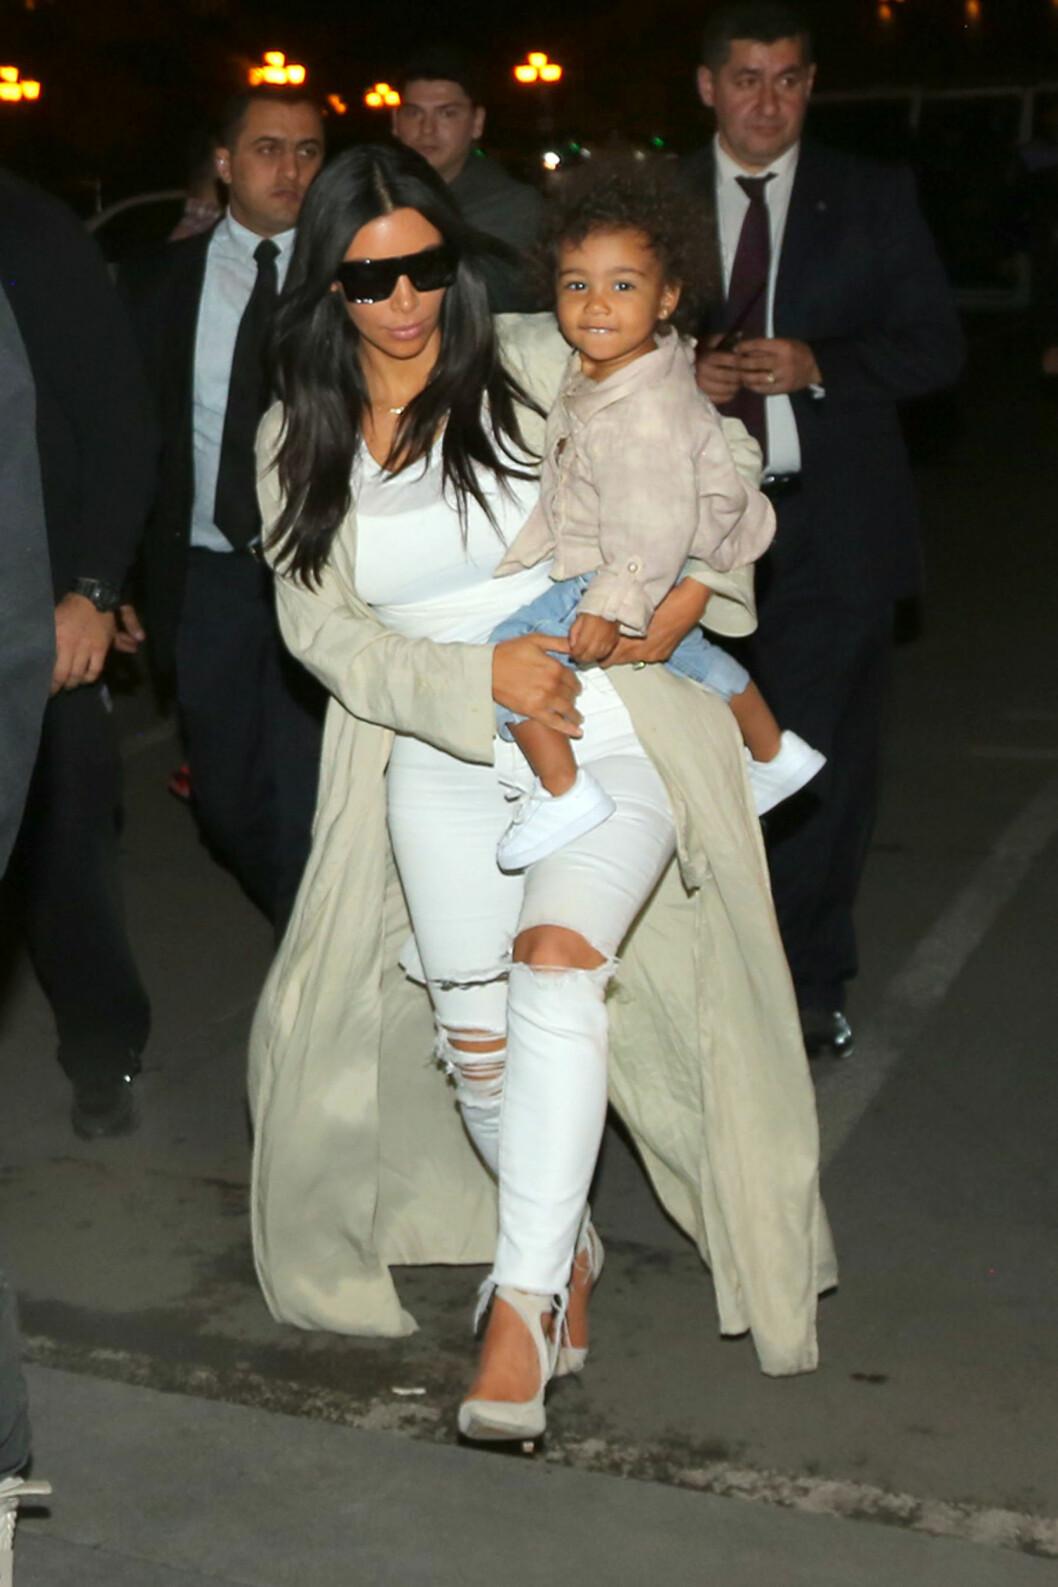 Det eneste som sto i kontrast med resten av antrekket var de svarte solbrillene da Kim var ute og spiste middag med familien sin. Foto: Scanpix